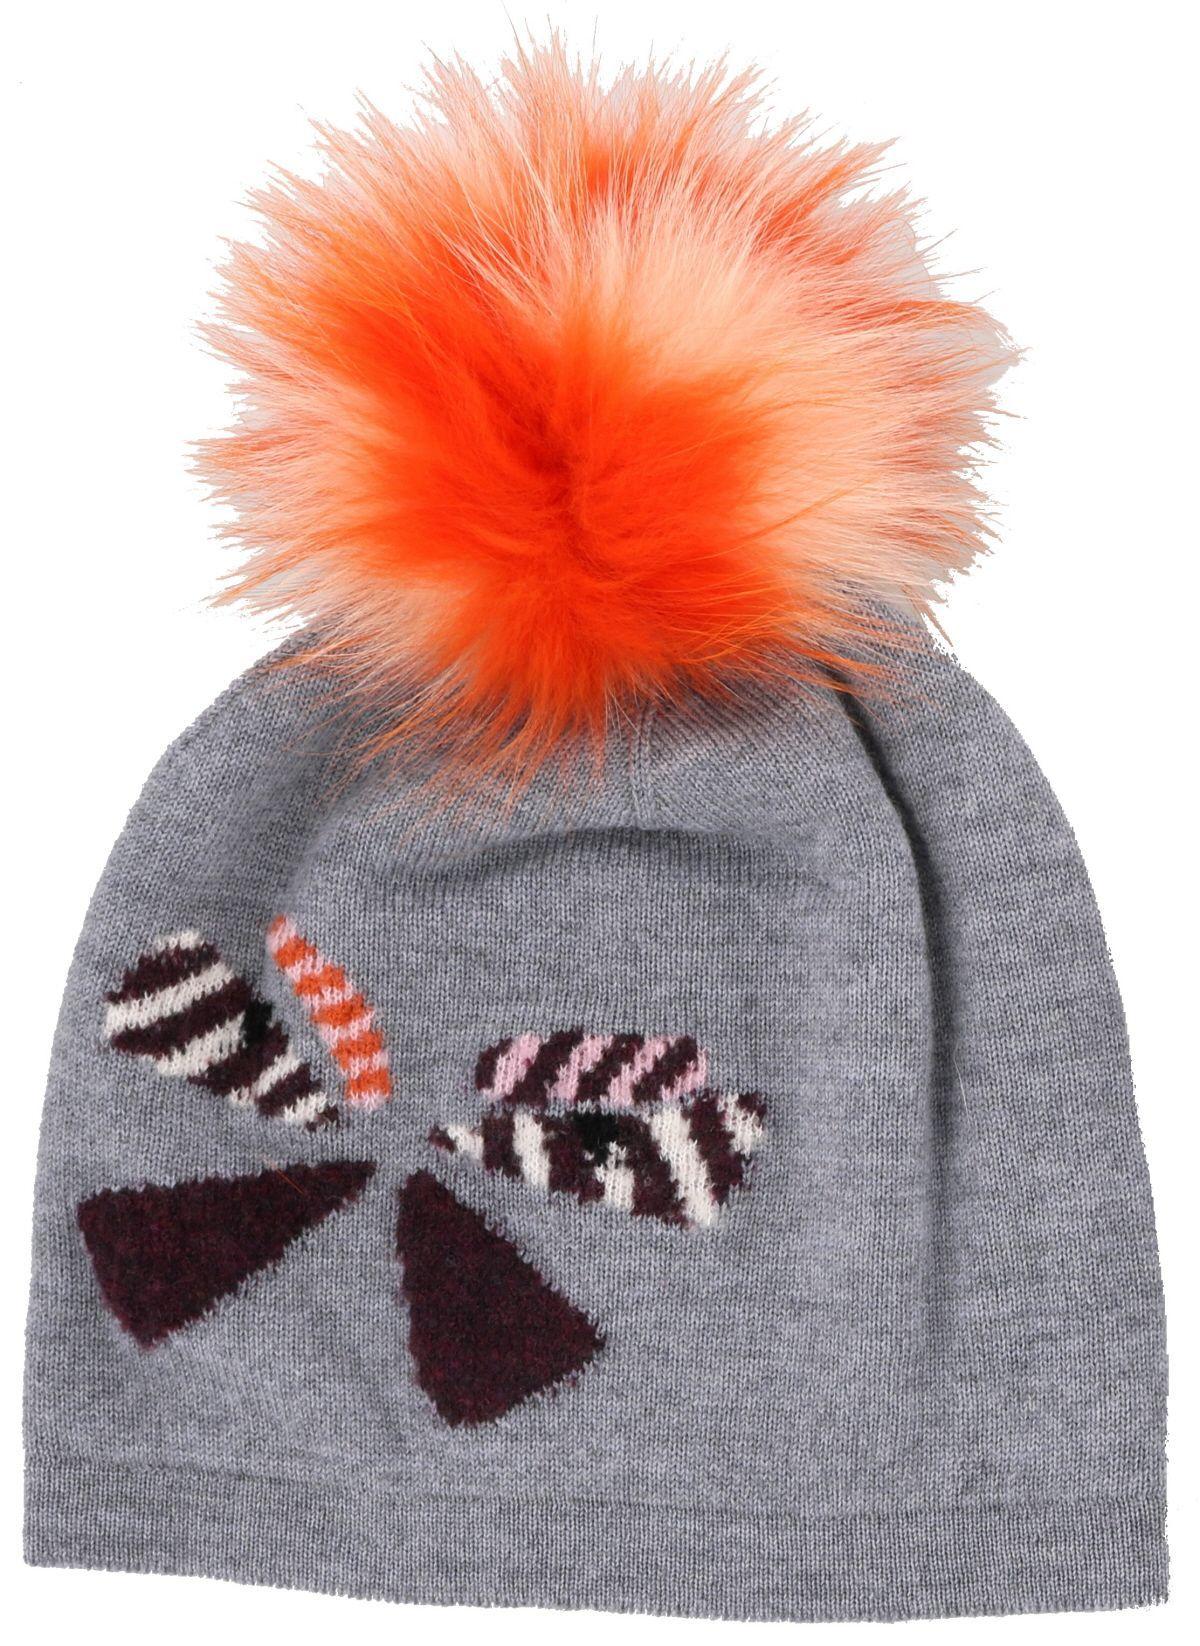 d8623f6a7c8 ... Butterflyeye fur pompom wool beanie hat grey fendi pinterest jpg  1200x1646 Fendi red hat best online ...